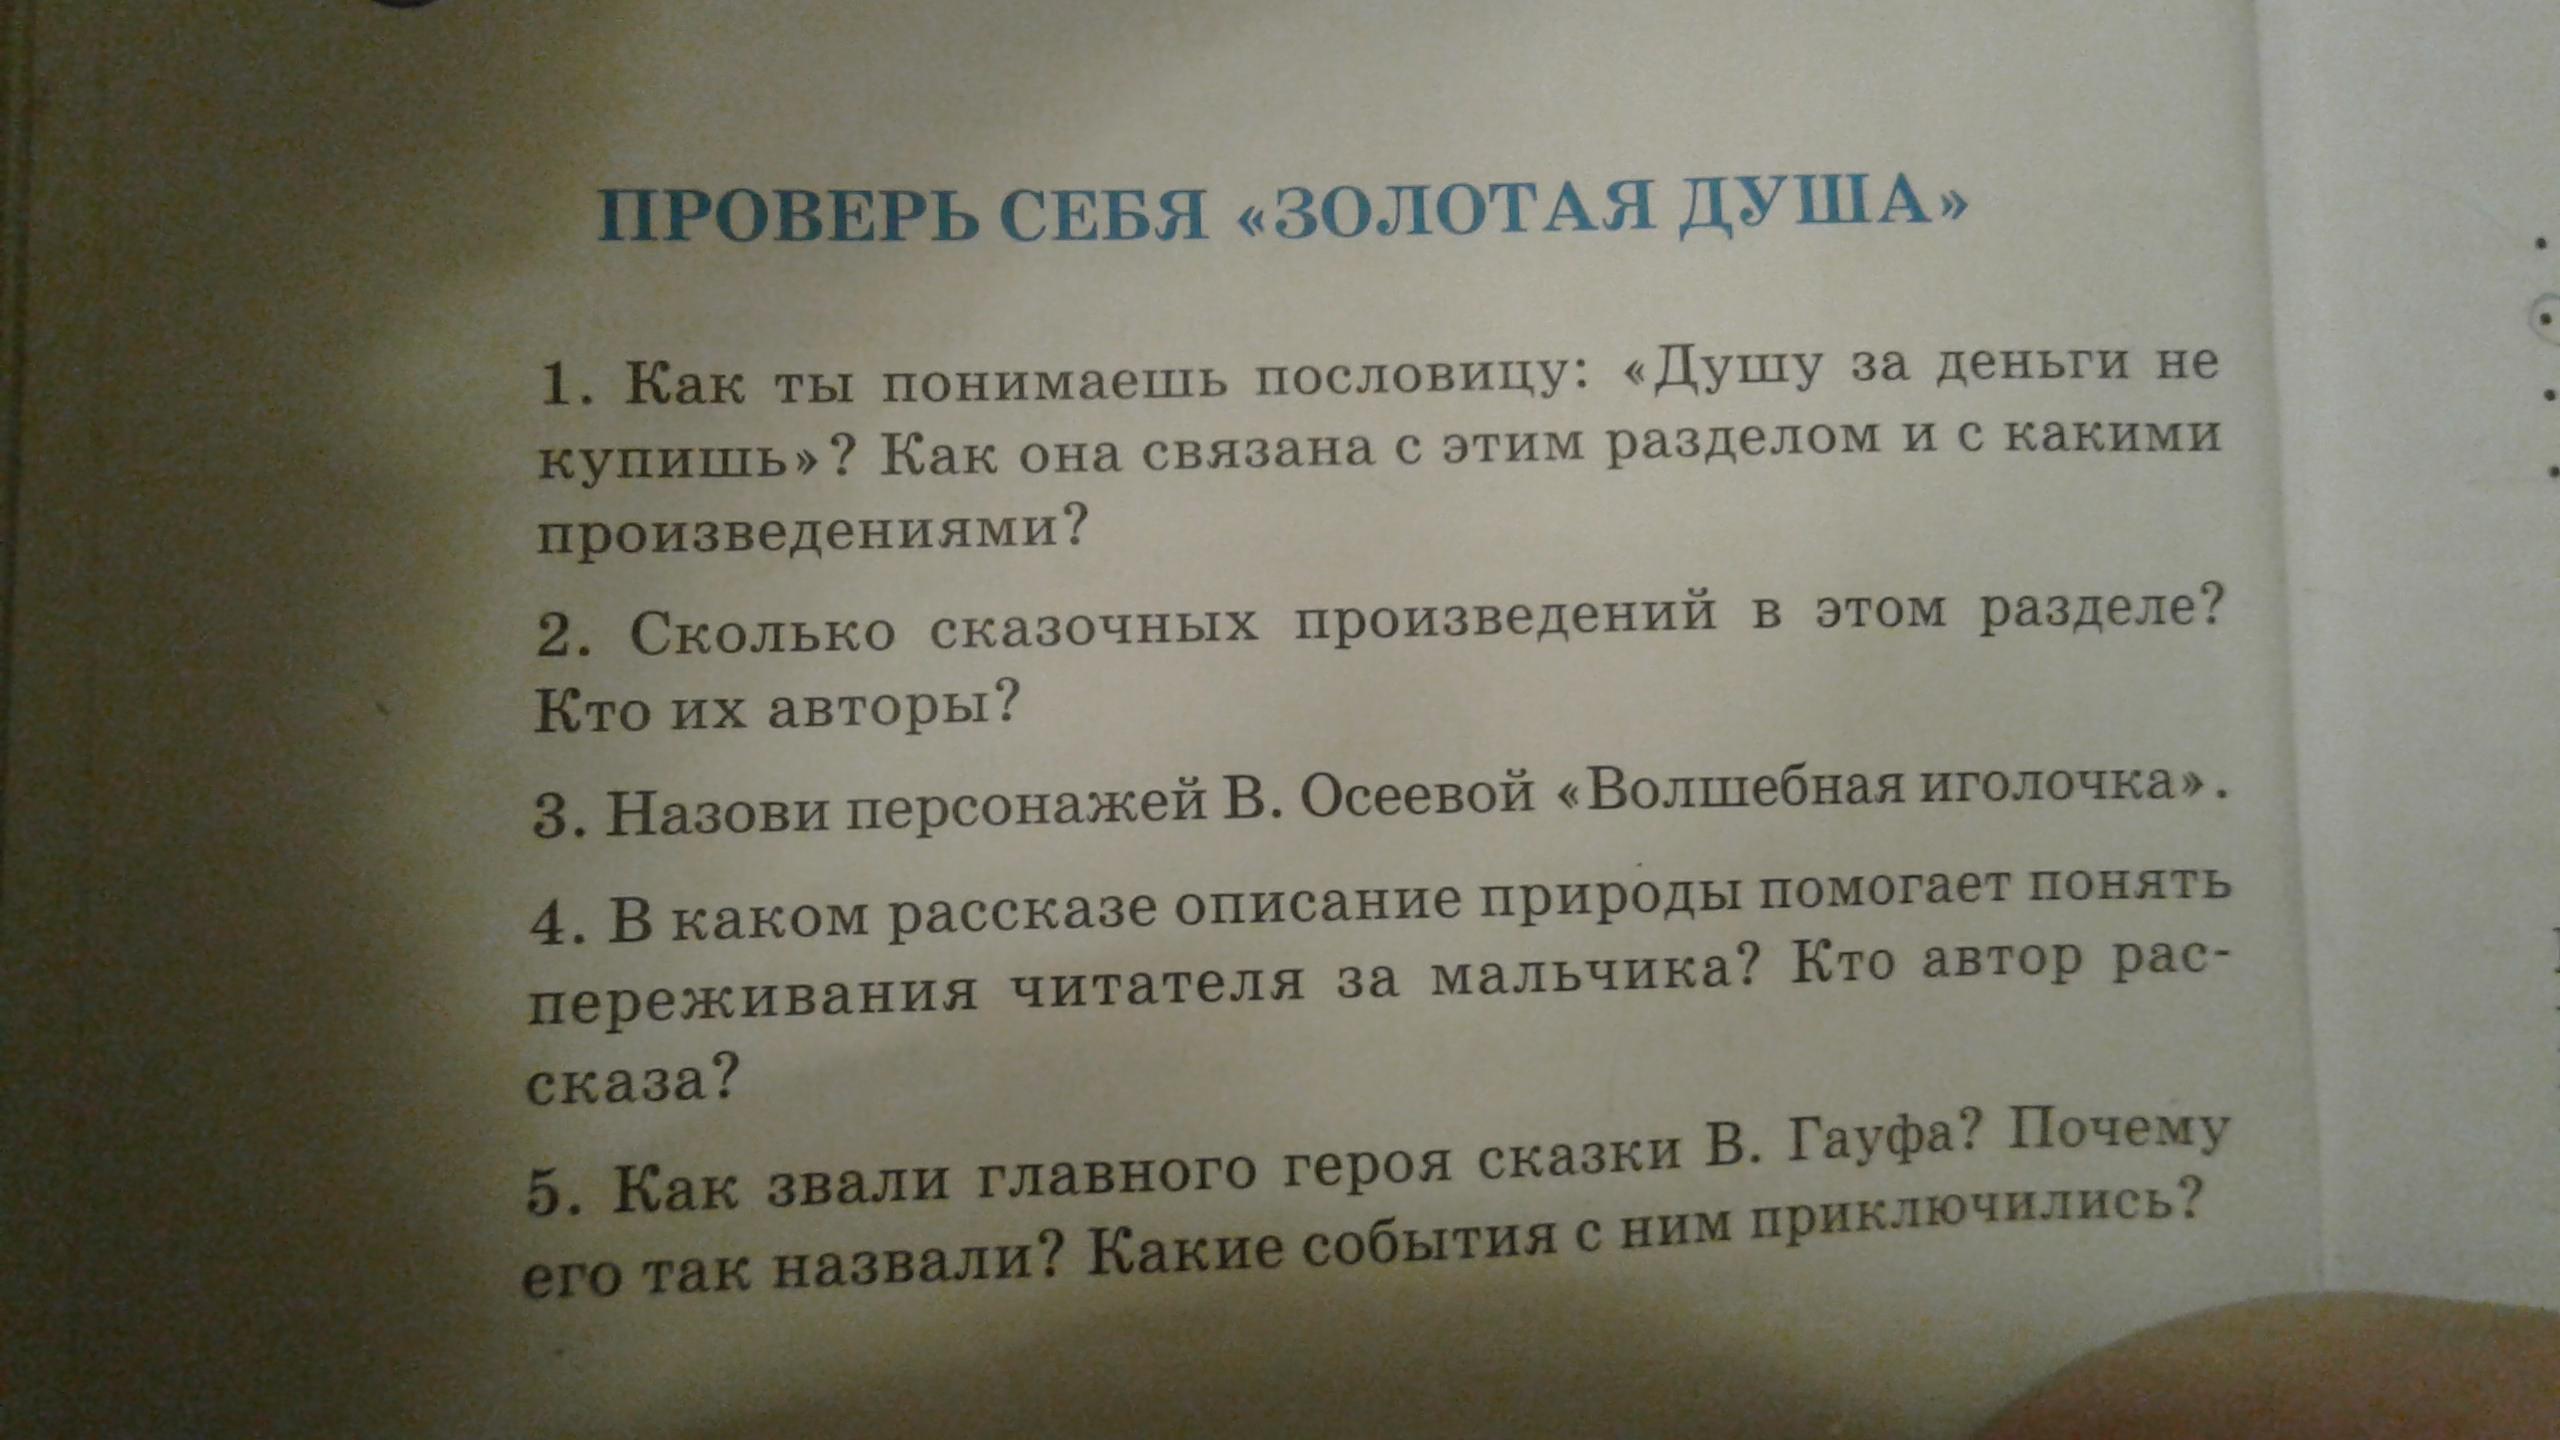 банк ренессанс кредит отзыв лицензии